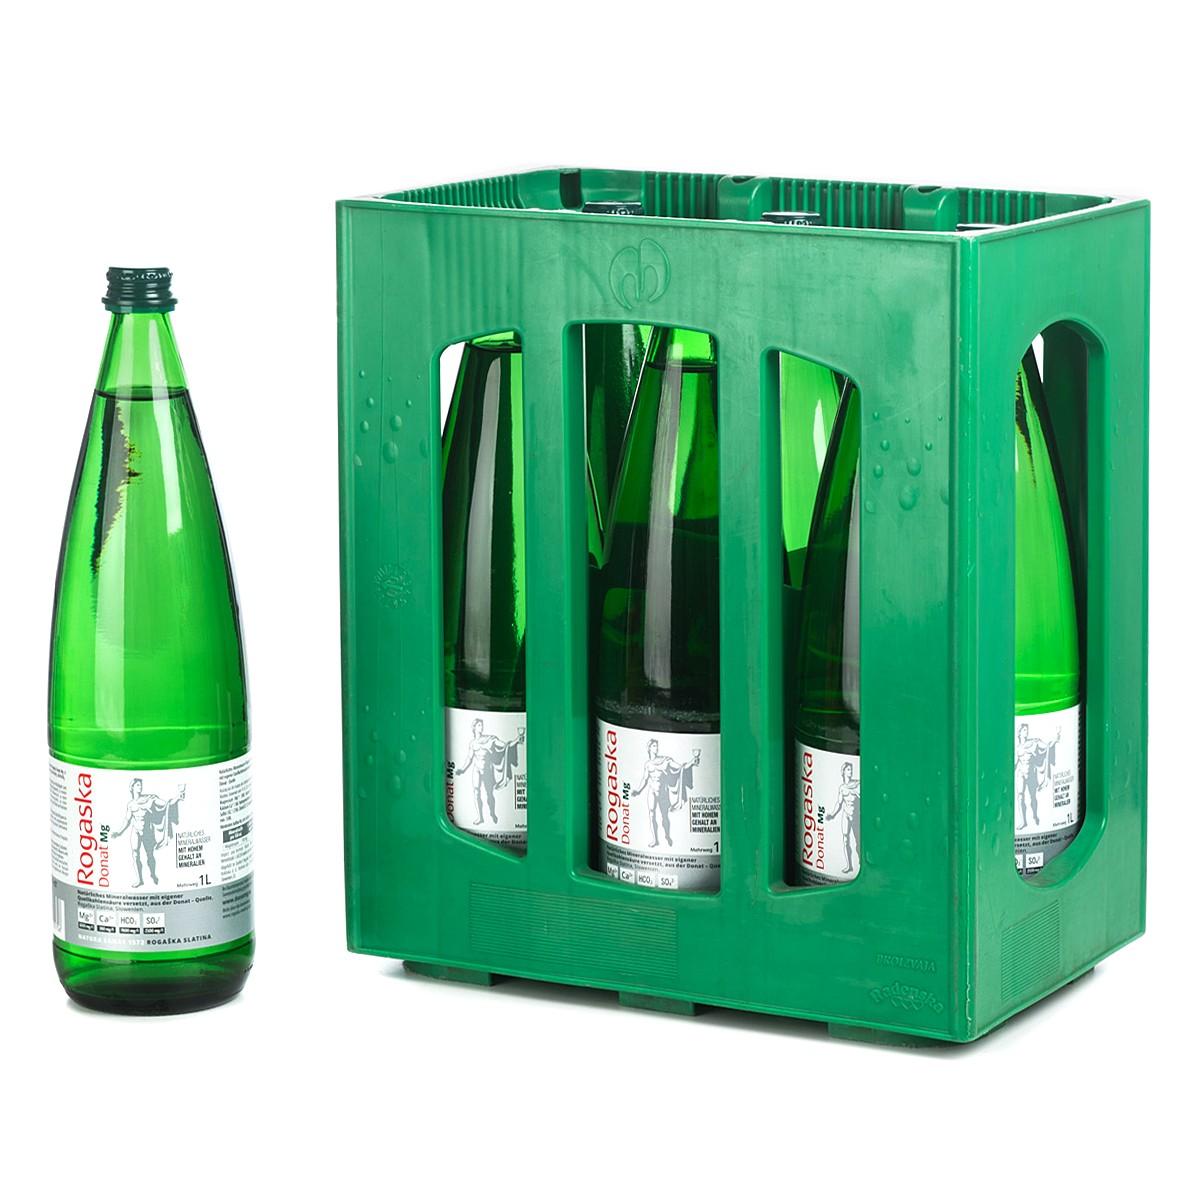 Rogaska Donat Mg 6 x 1l online bestellen | getraenkedienst.com